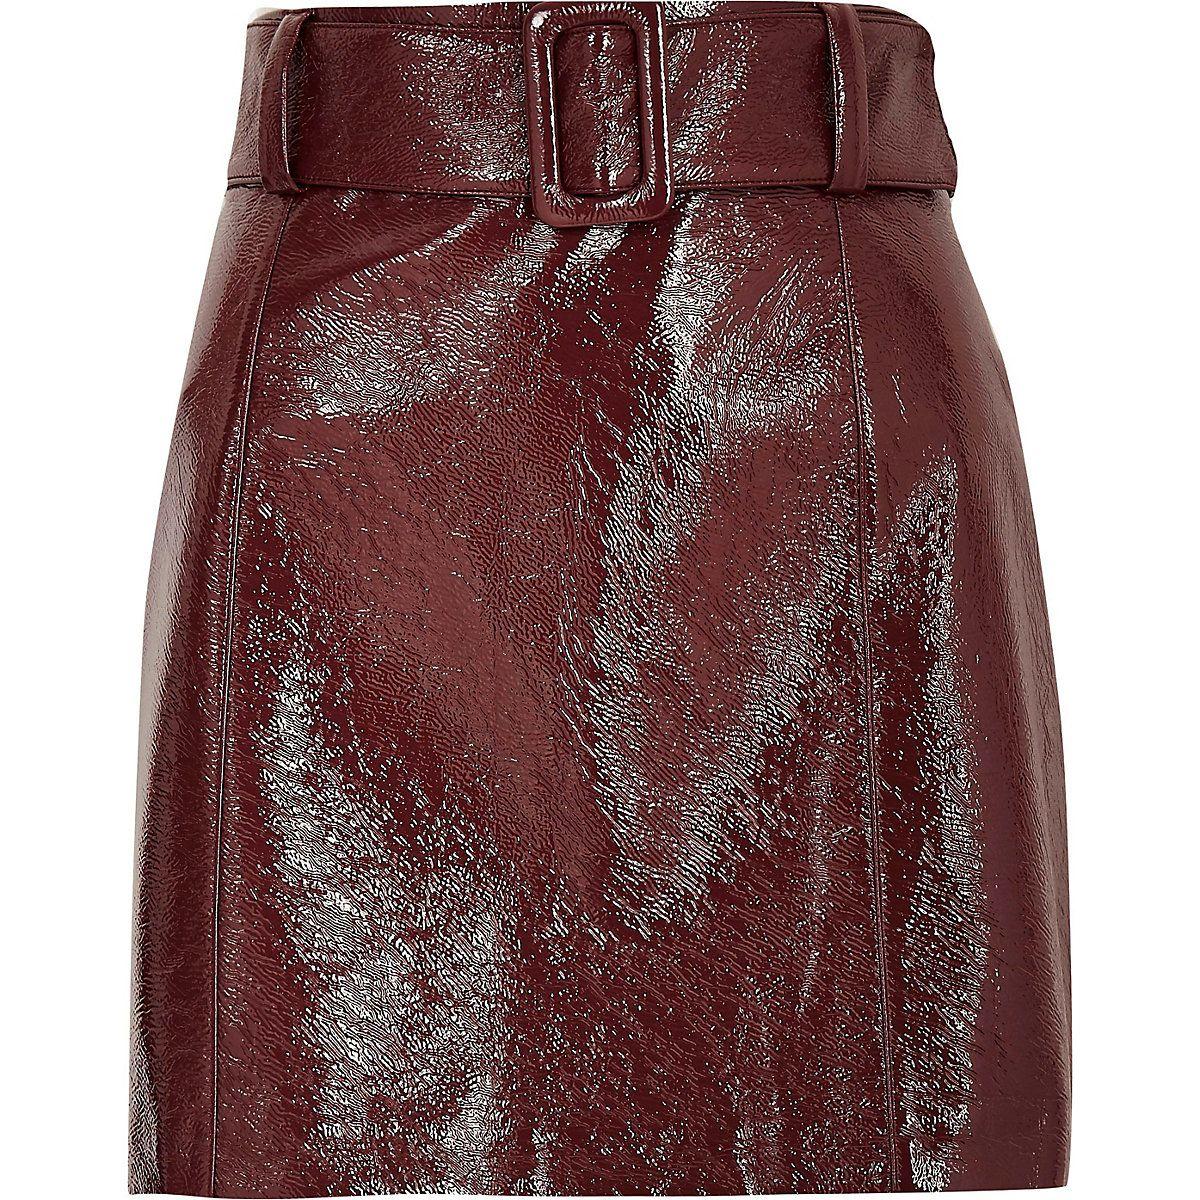 f4f551c34 Burgundy vinyl belted mini skirt. Burgundy vinyl belted mini skirt River  Island Skirts ...